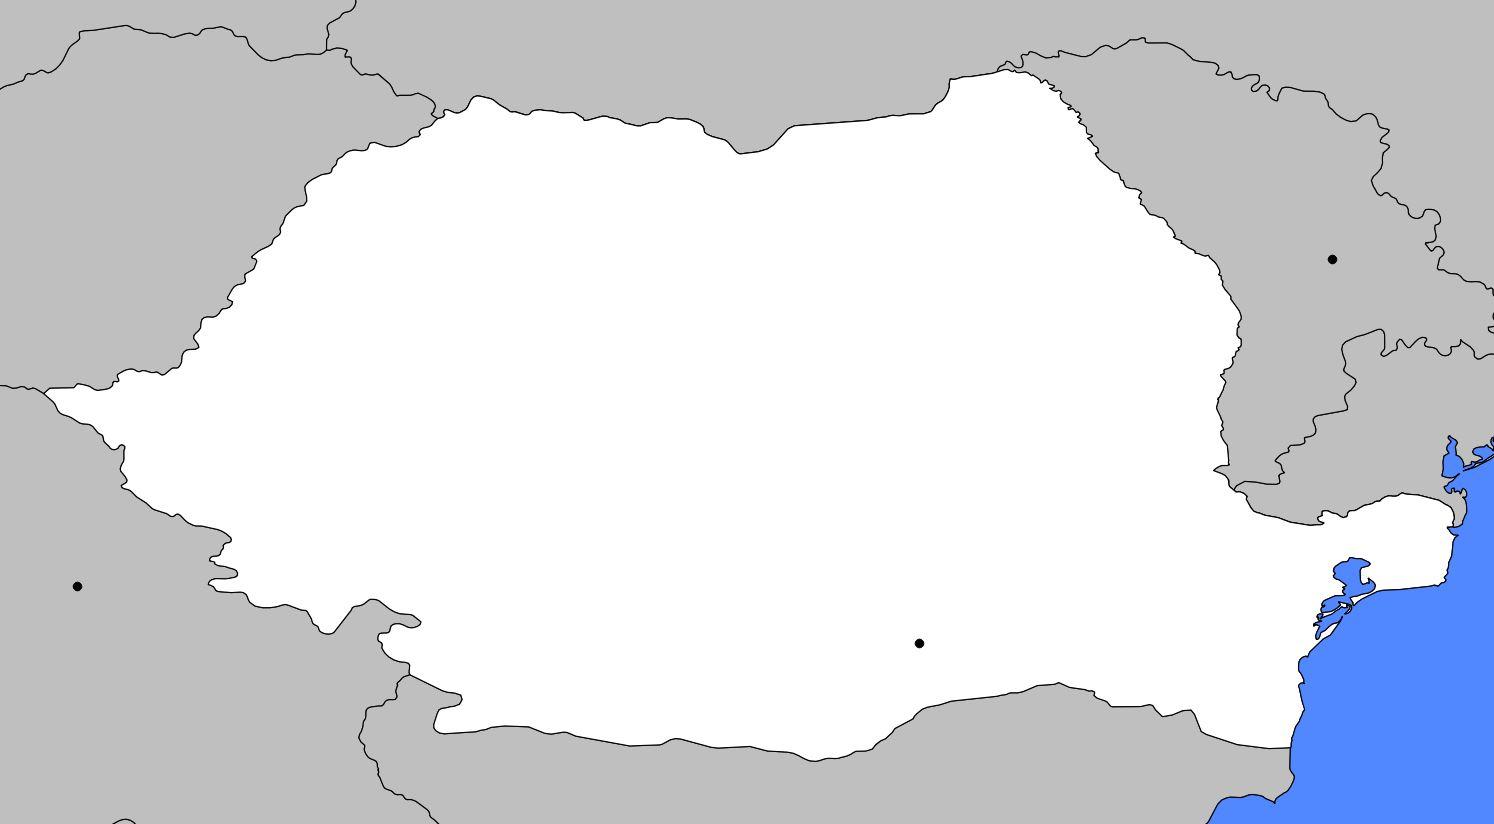 Carte vierge de la Roumanie